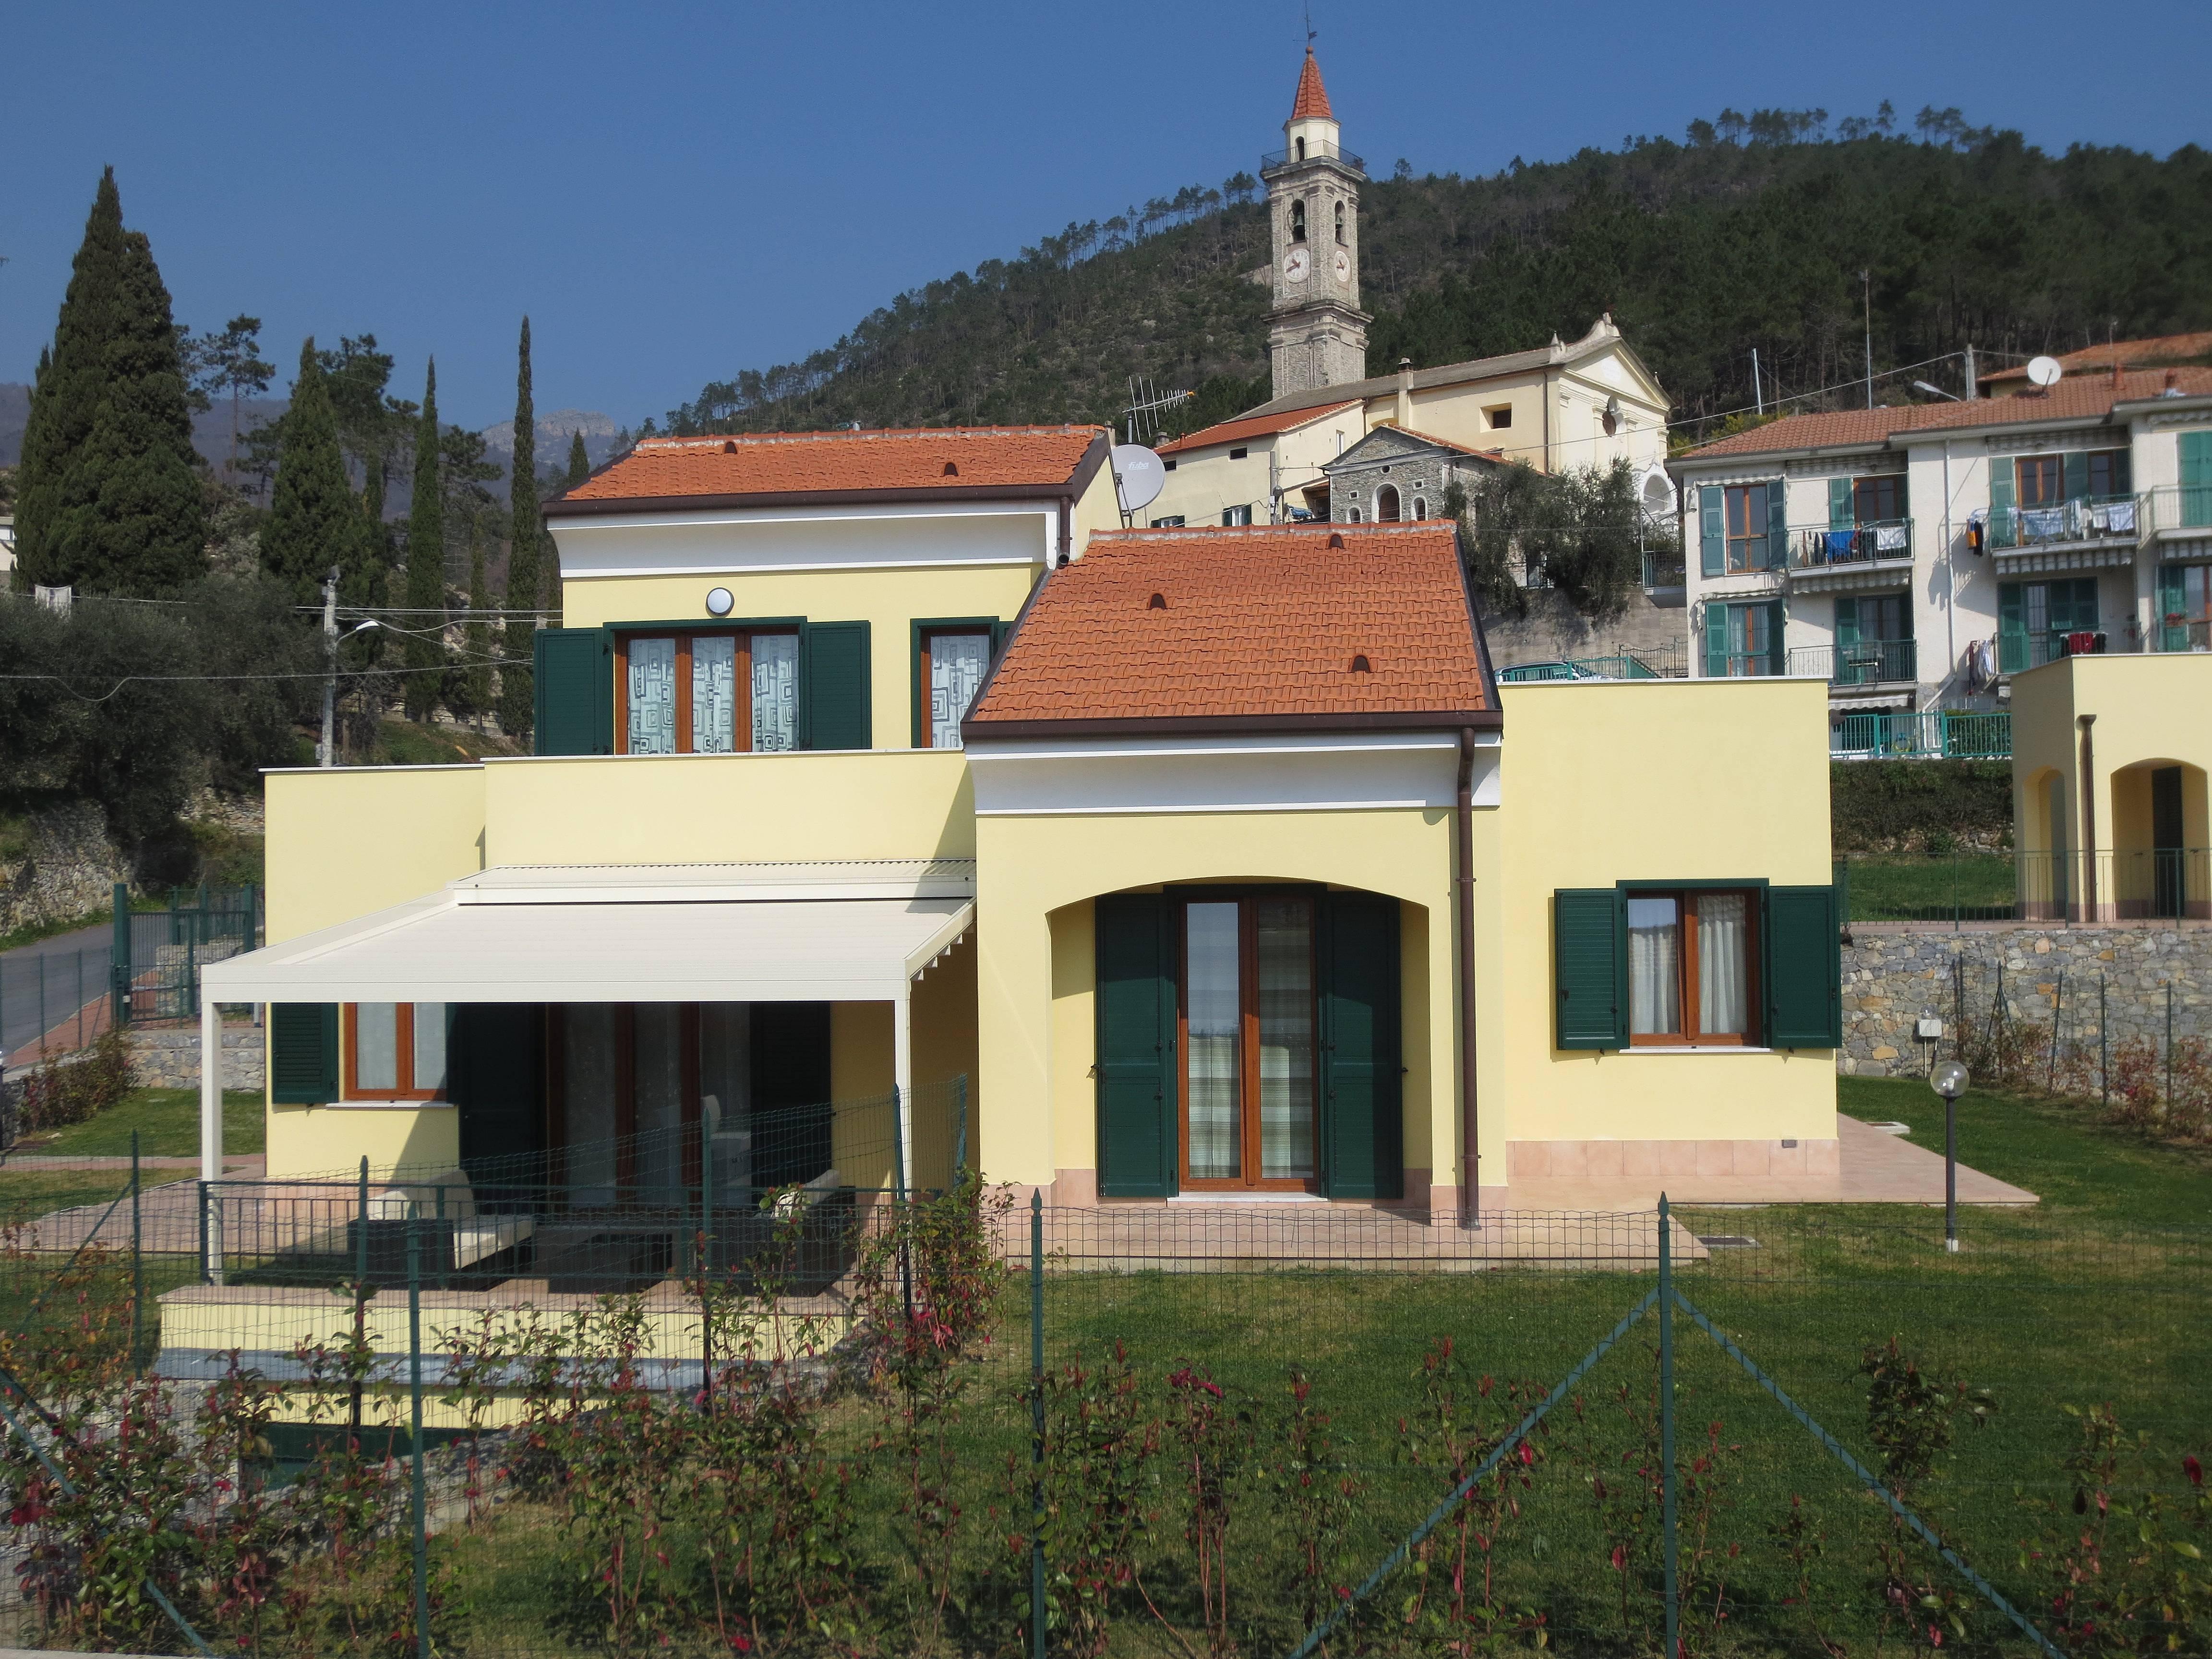 Villa per 4 10 persone a 4 km dalla spiaggia verzi for Case loano affitto